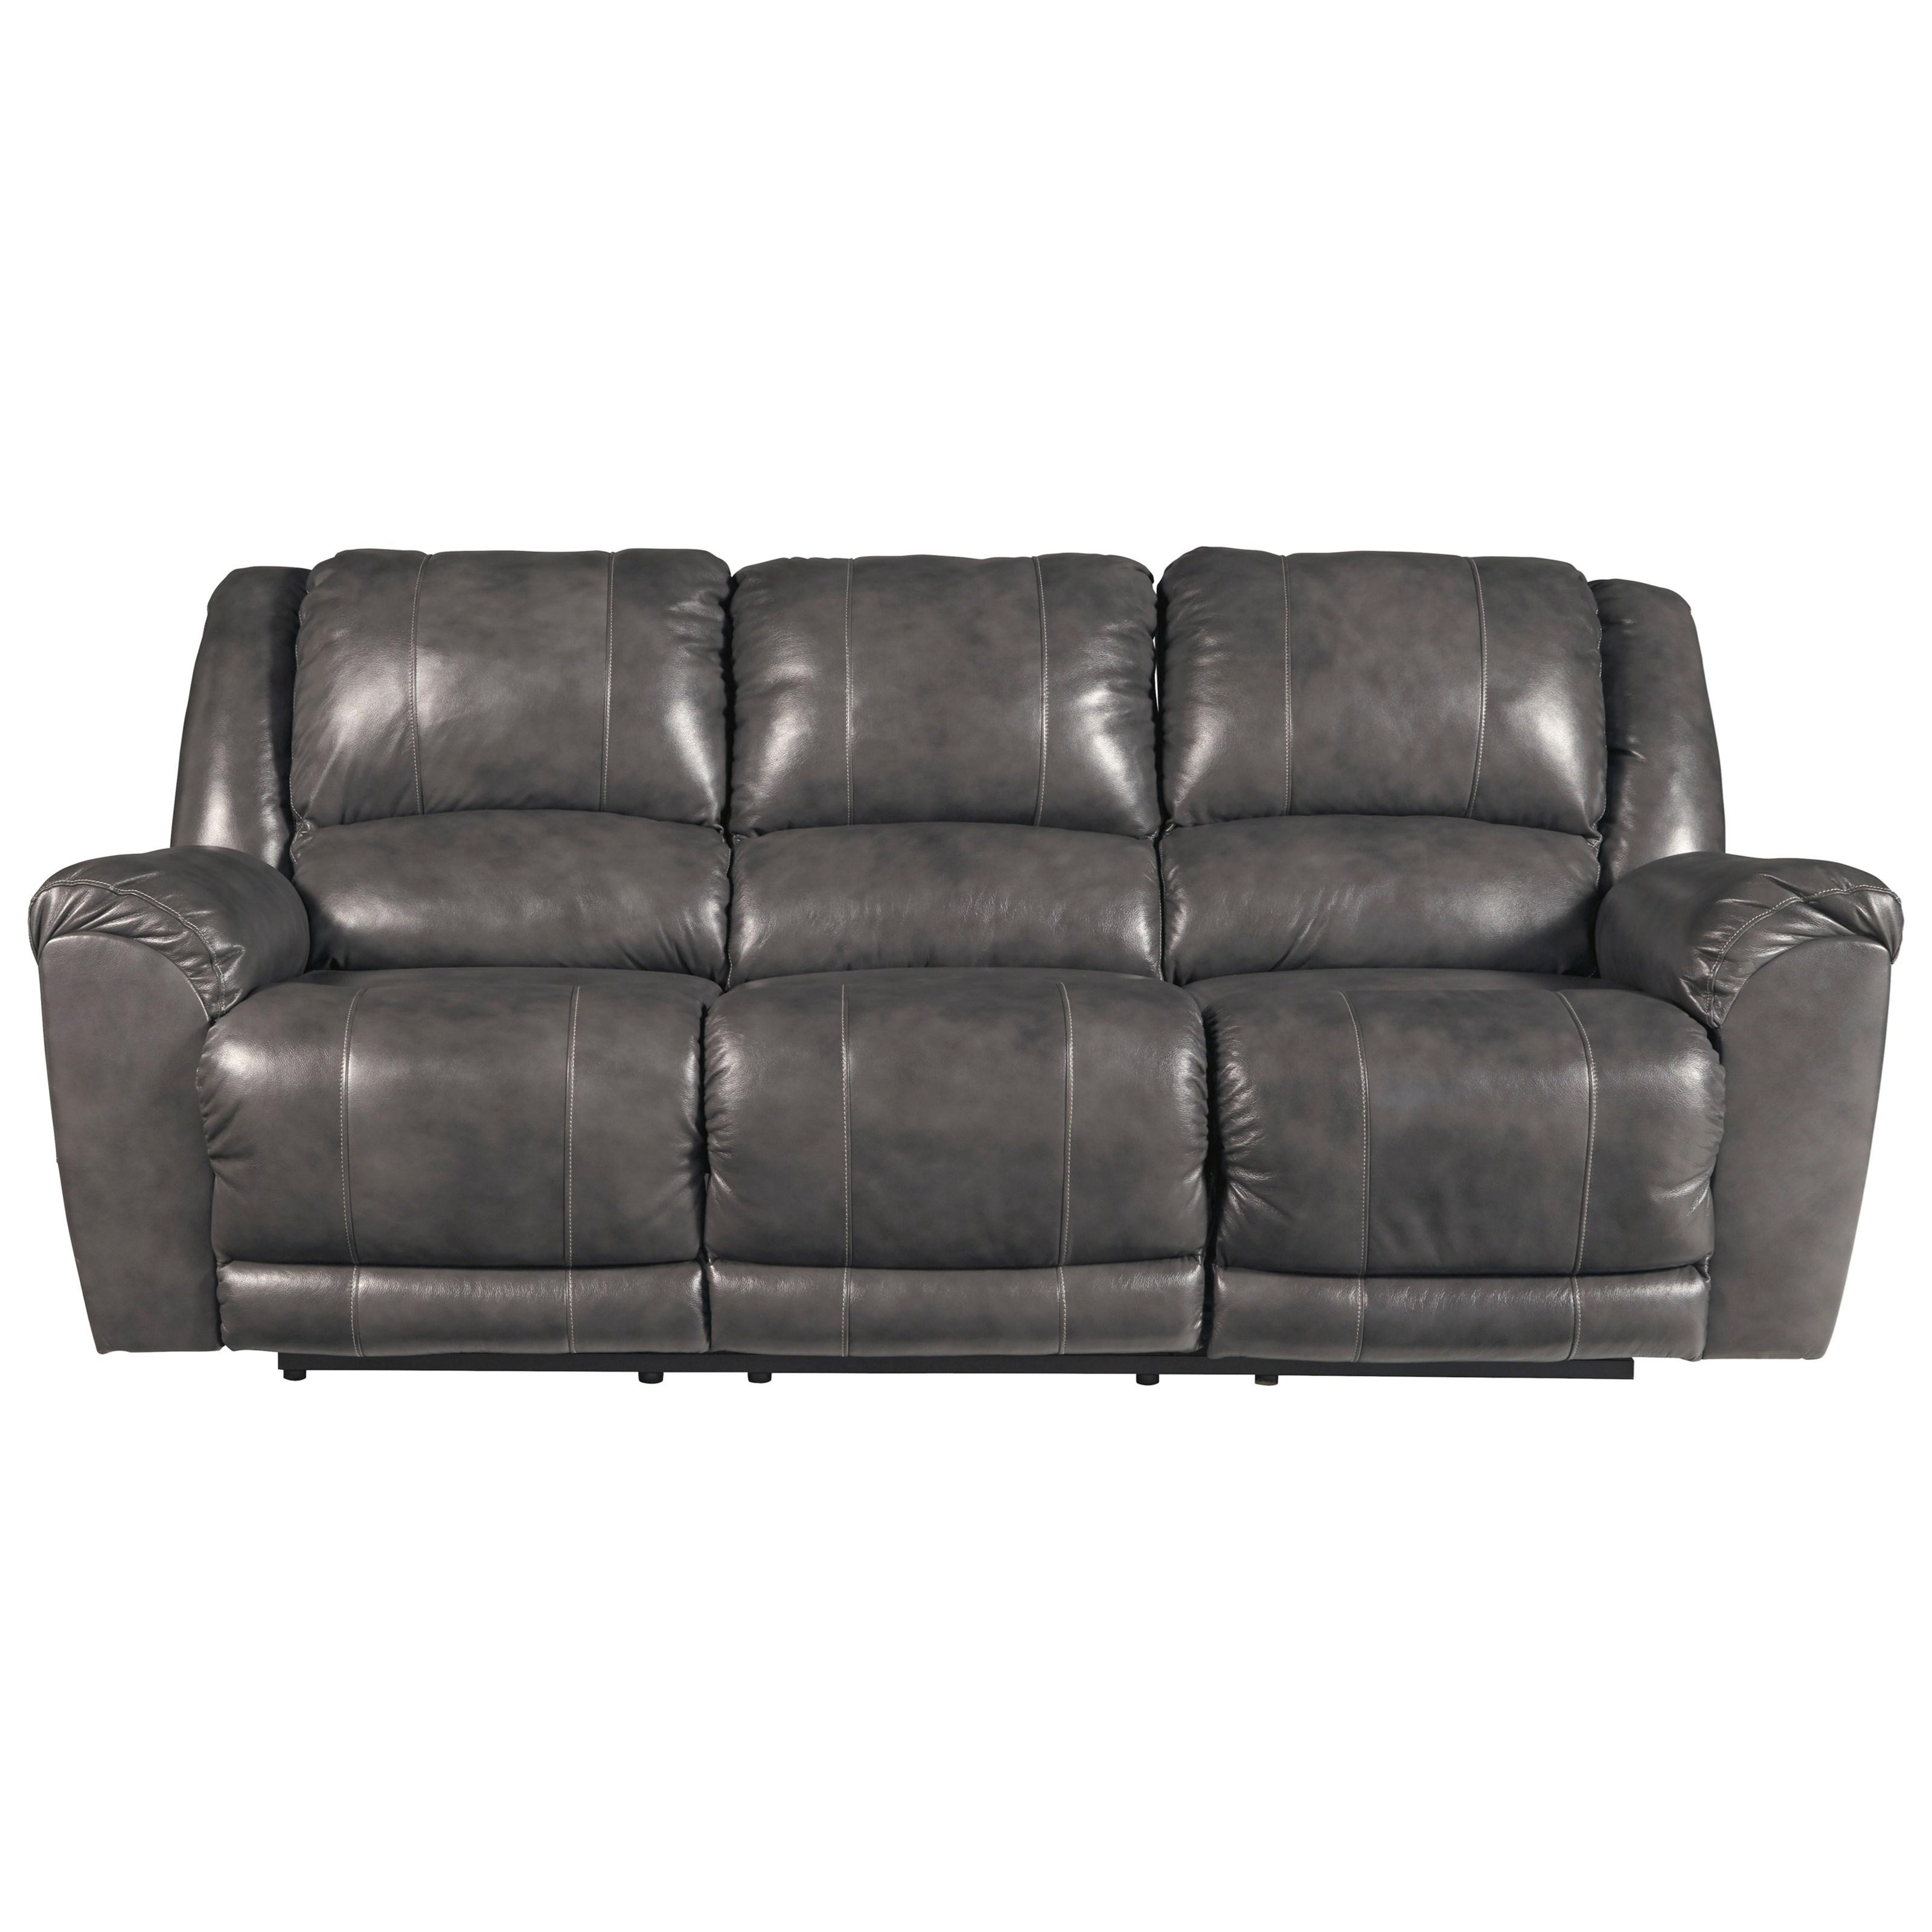 Nice Signature Design By Ashley FandangoReclining Leather Sofa ...